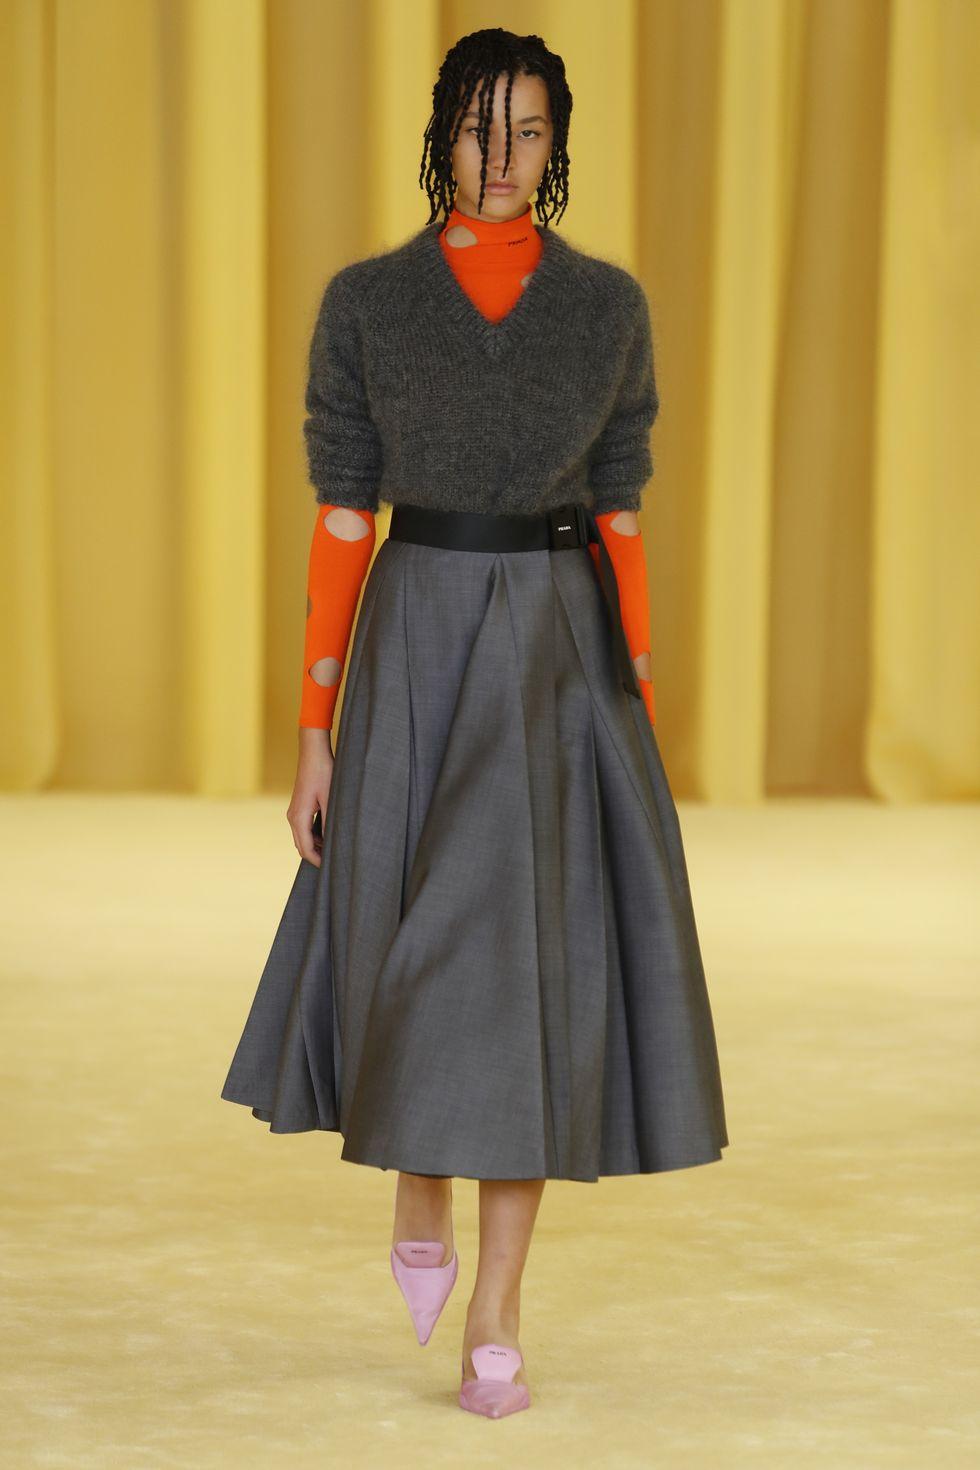 Модель в серой юбке трапеция ниже колен с поясом, оранжевая водолазка и теплая кофта